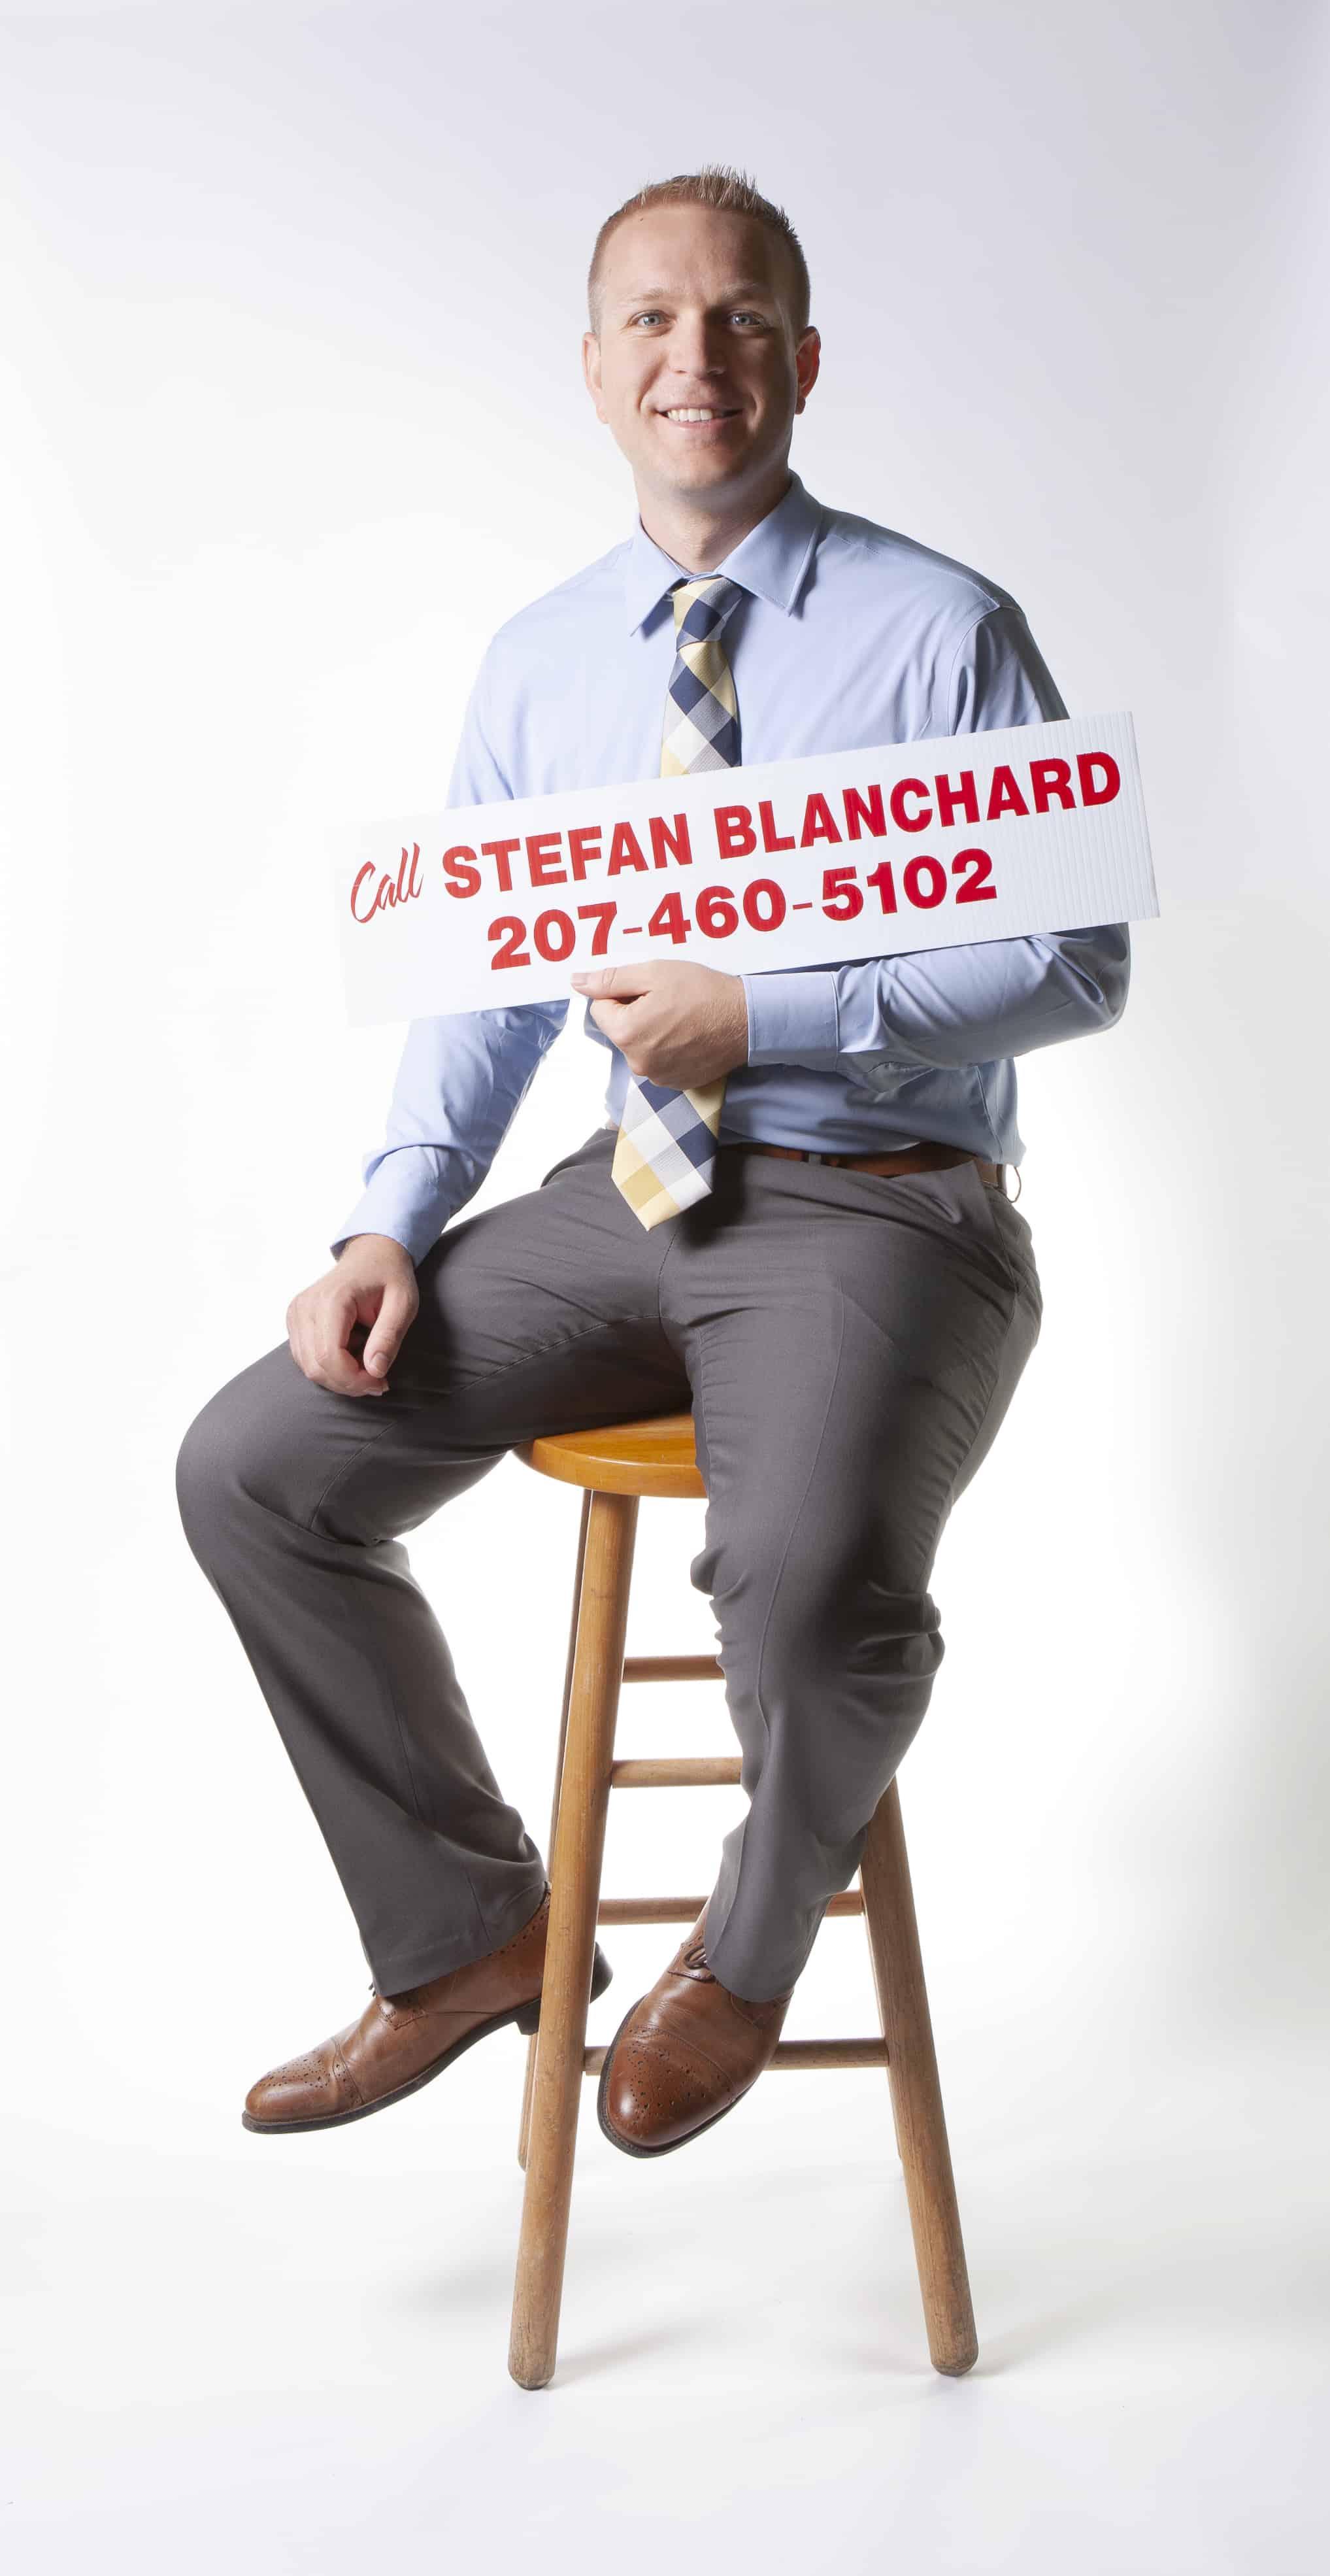 Stefan Blanchard